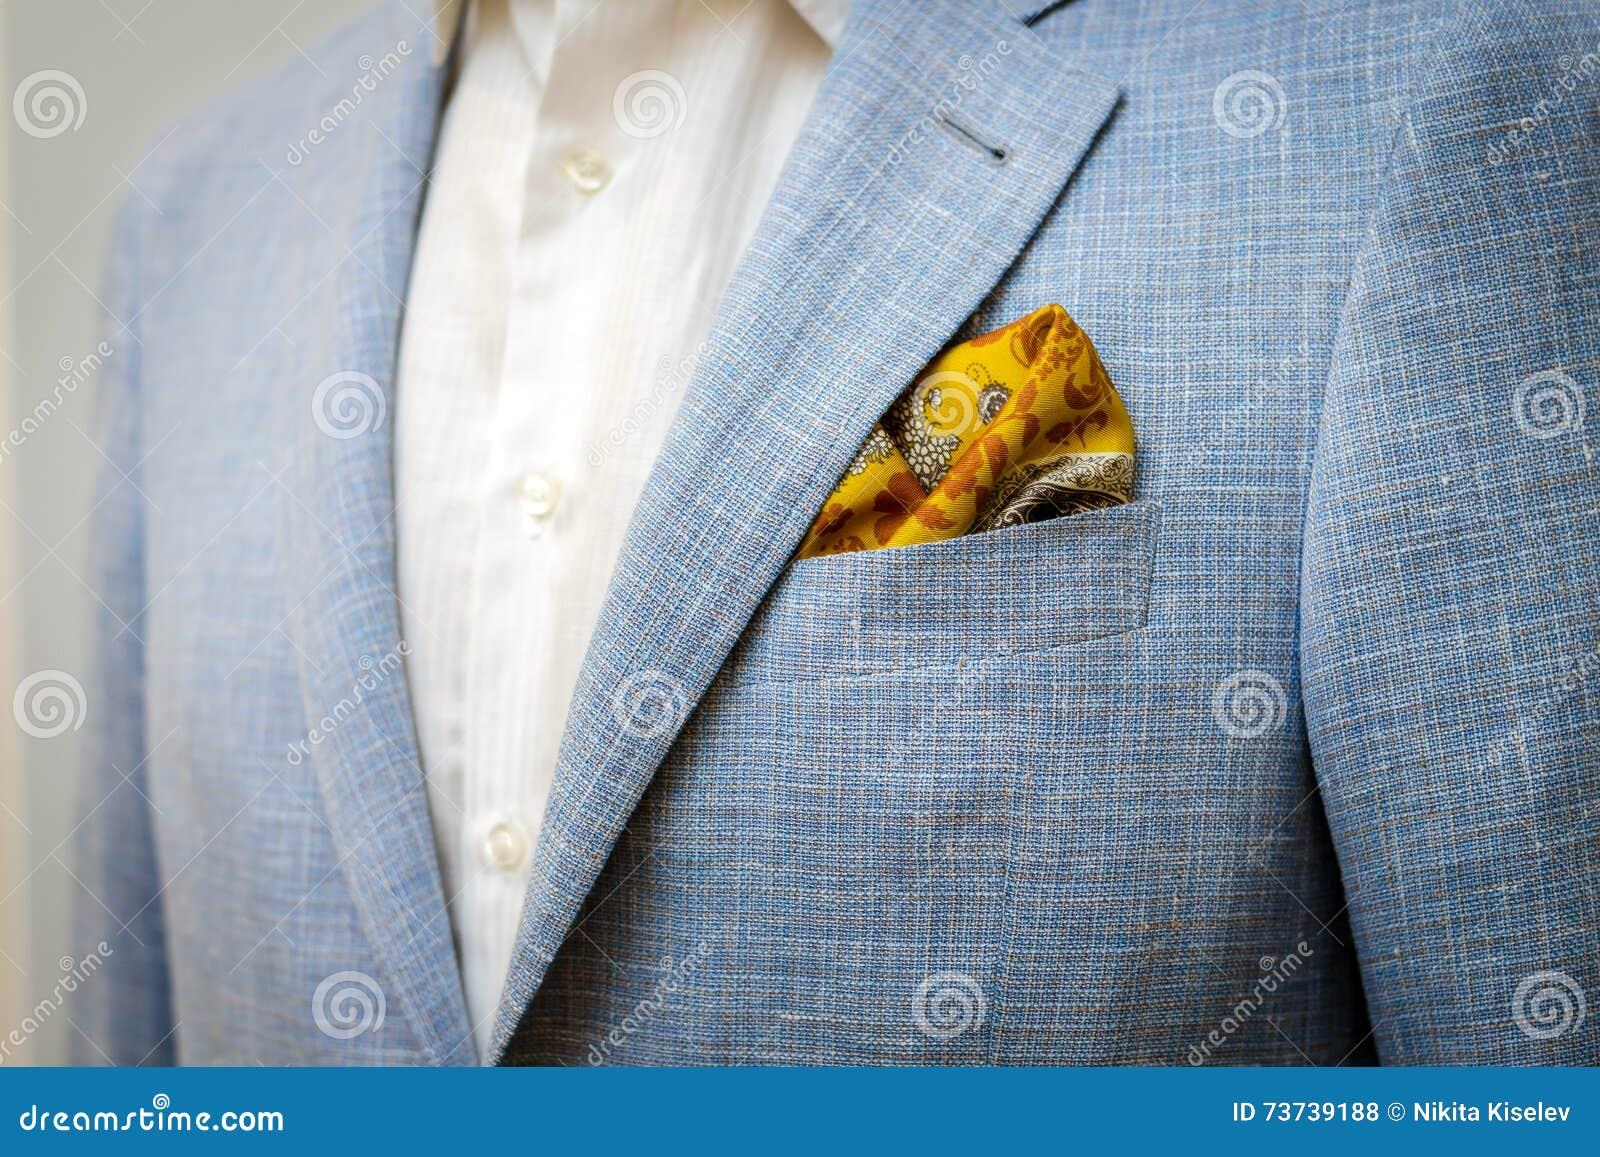 Μπλε επιχειρησιακό κοστούμι με ένα άσπρο πουκάμισο και με ένα κίτρινο μαντίλι σε μια τσέπη